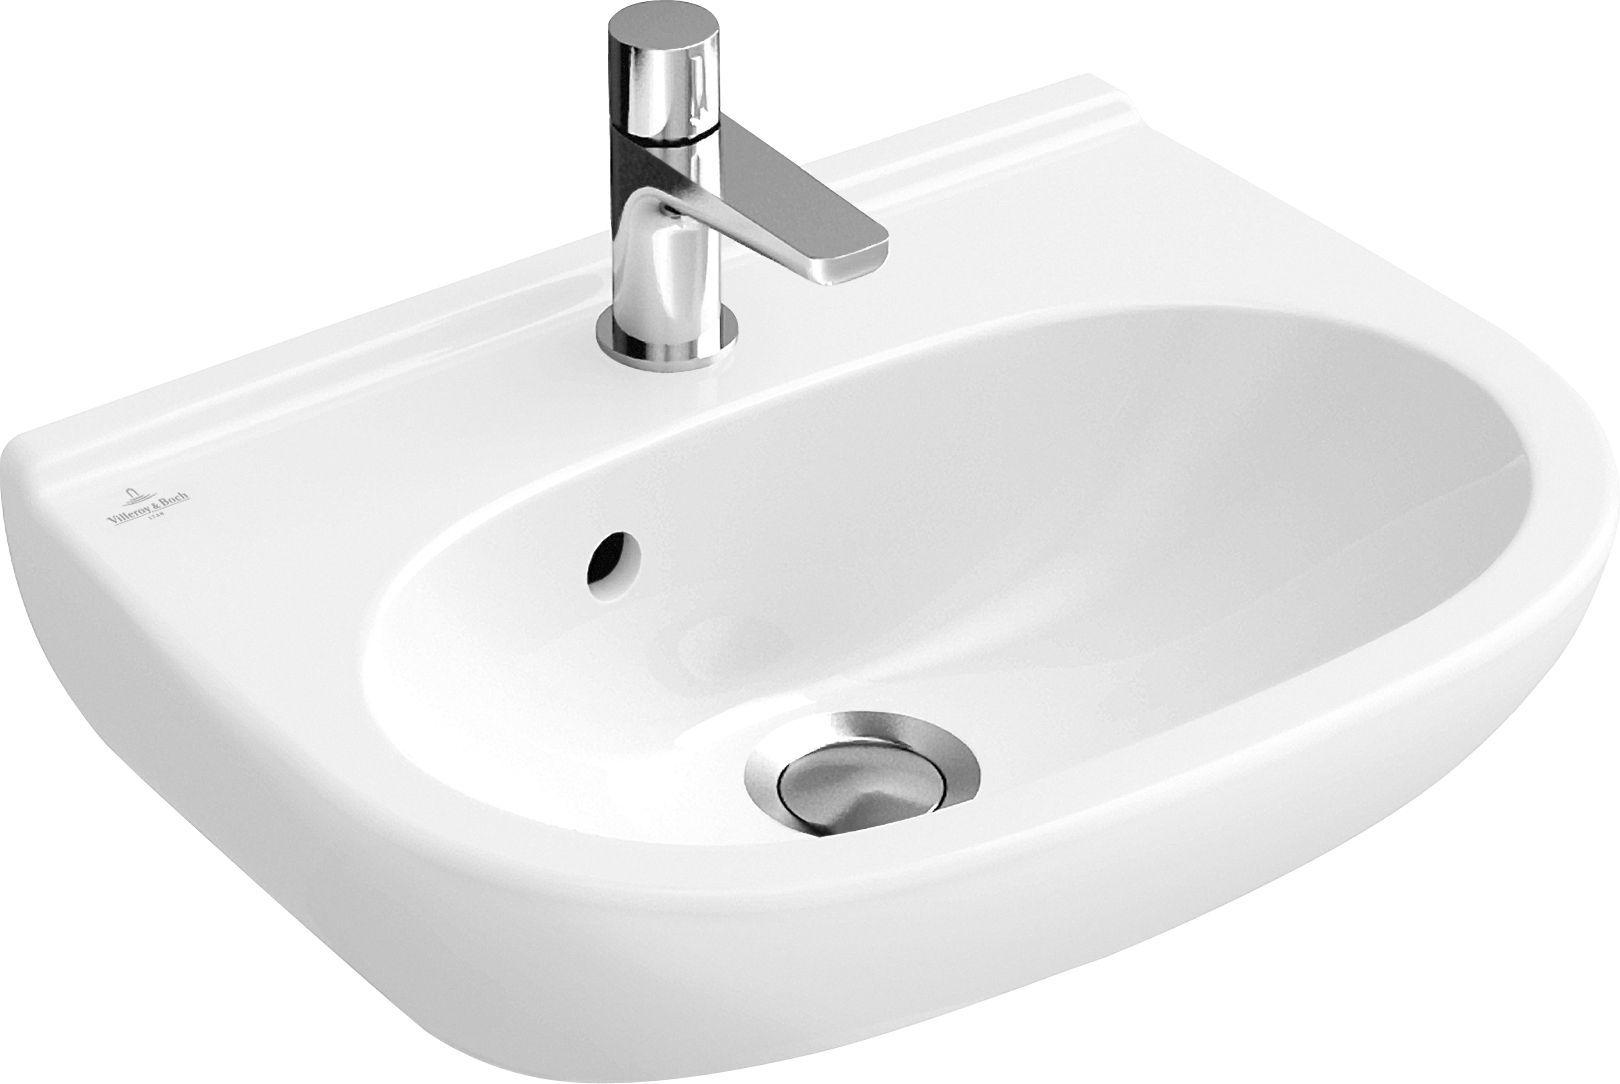 Villeroy & Boch O.novo Handwaschbecken B:36xT:27,5cm 1 Hahnloch ohne Überlauf weiß mit Ceramicplus 536037R1